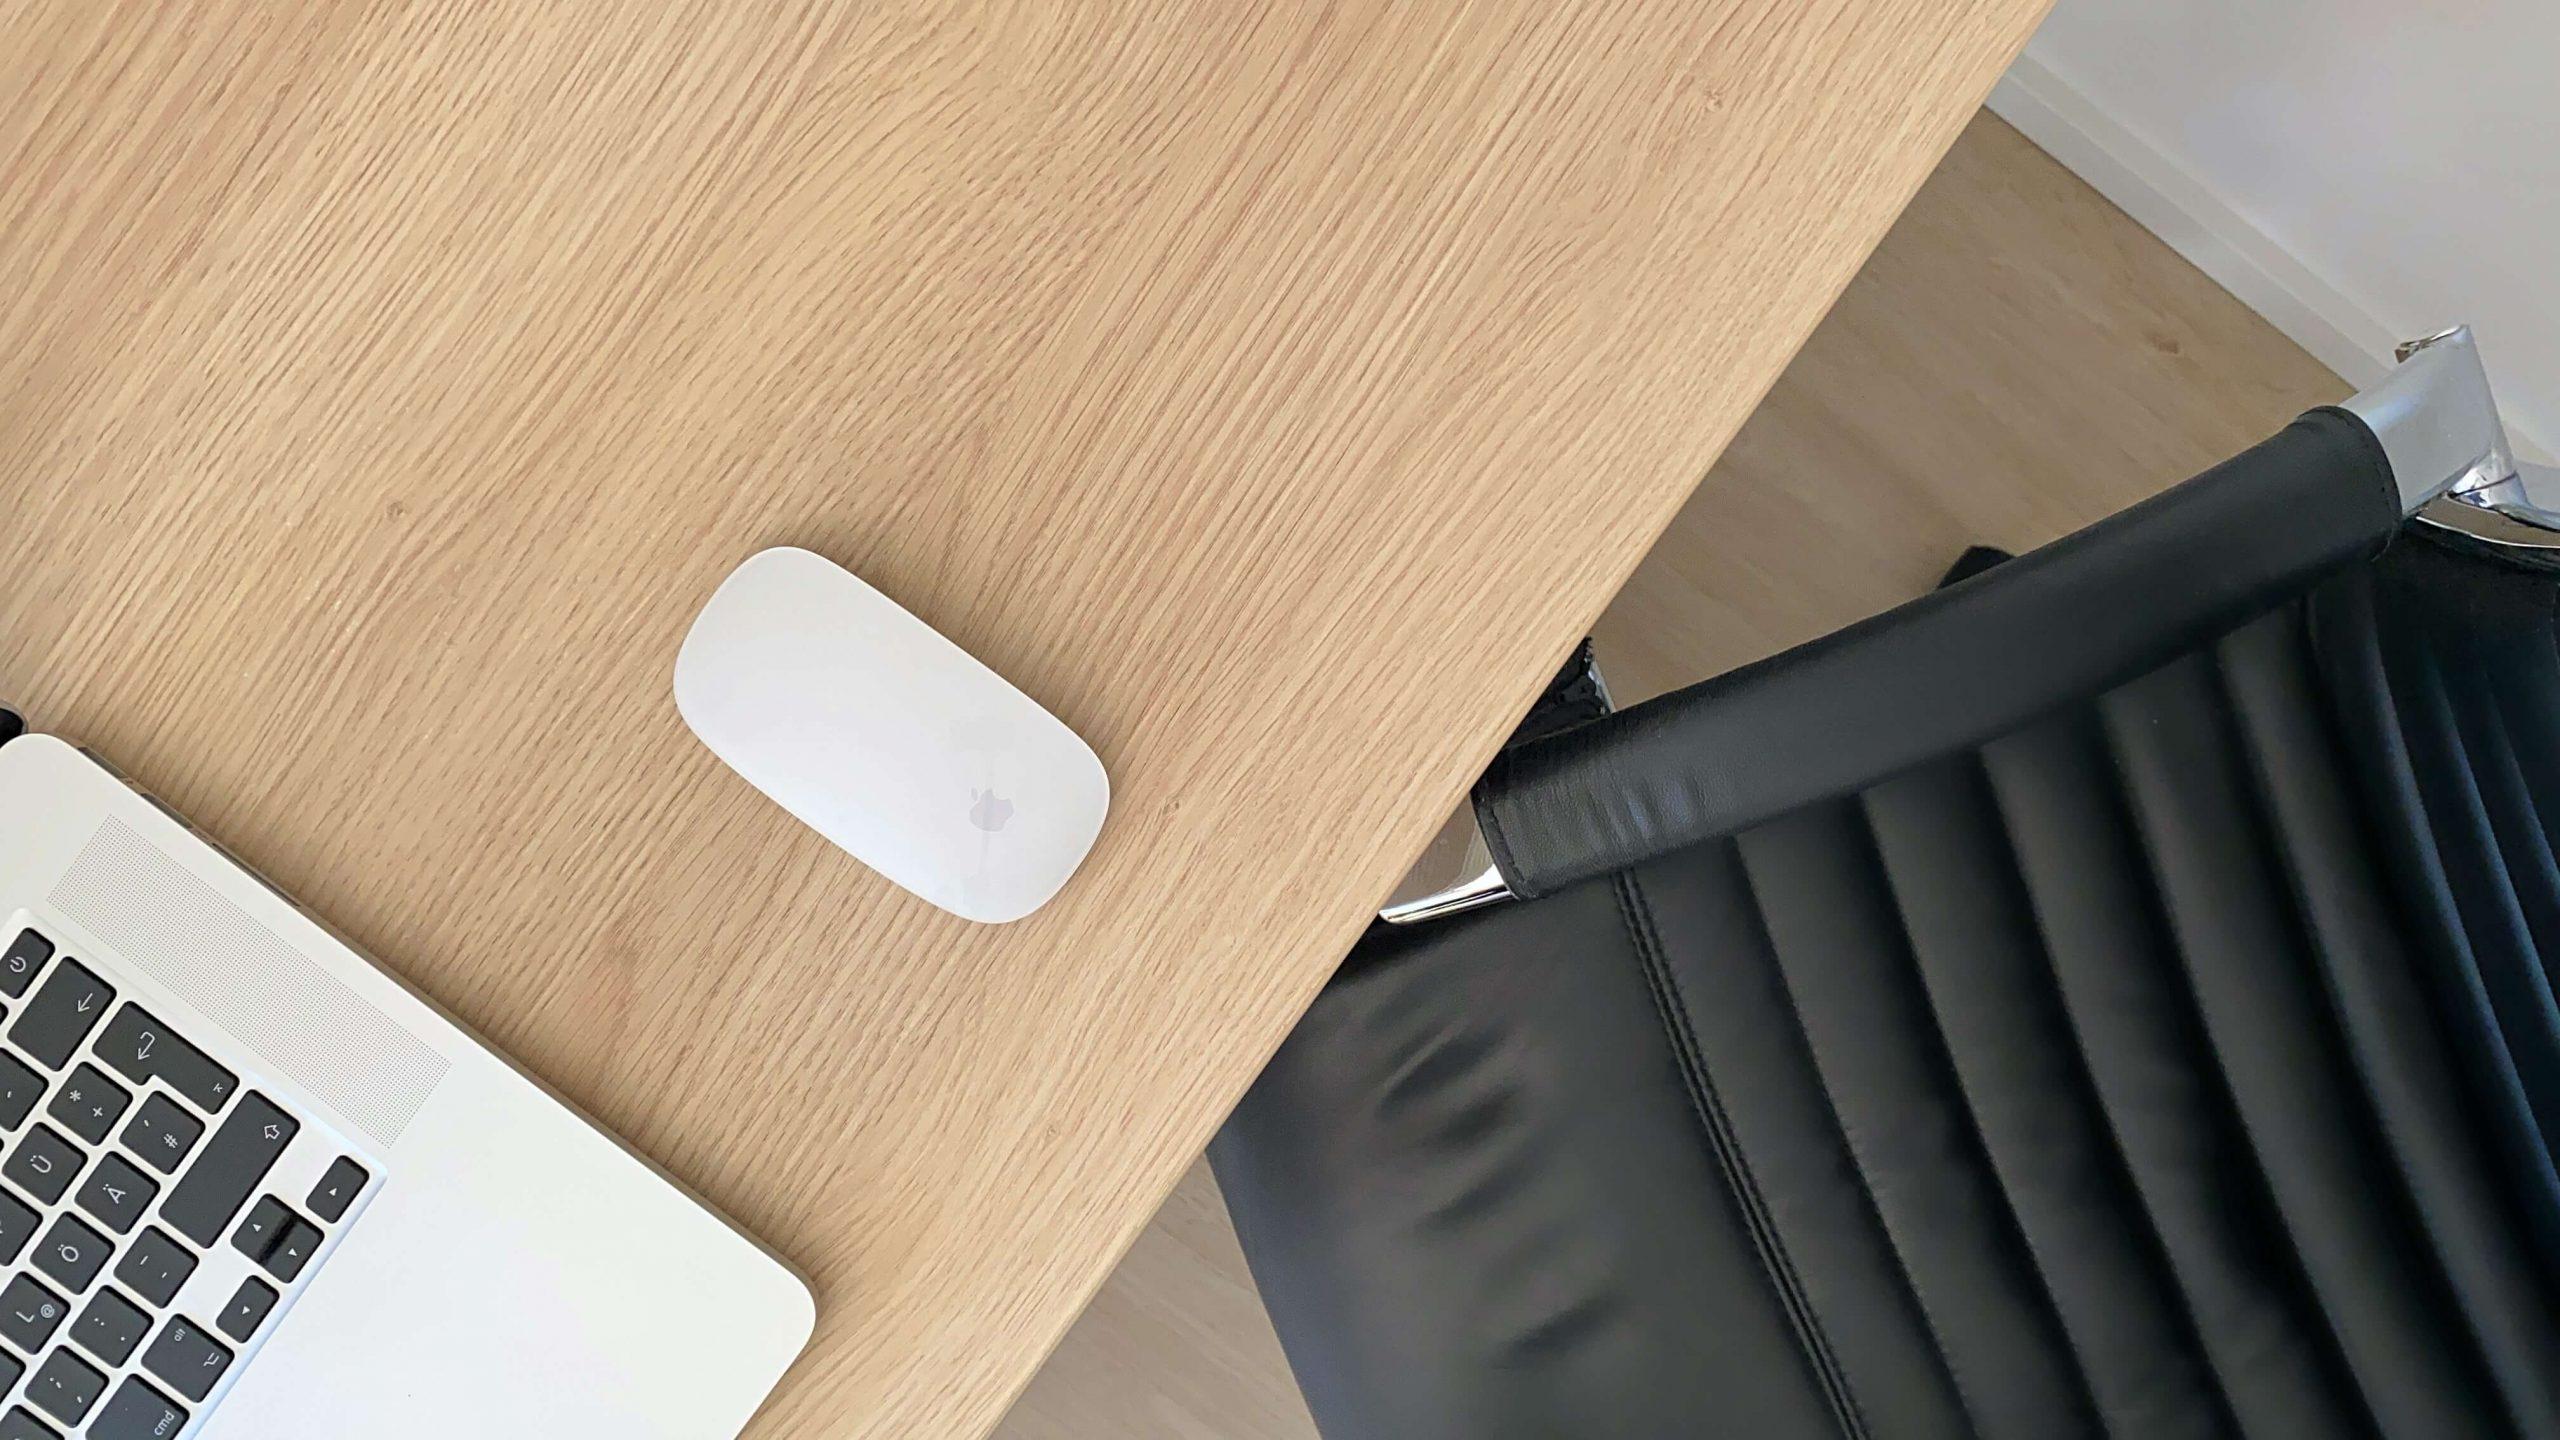 Problemlösung-Wenn-die-Magic-Mouse-zuckt-ruckelt-und-komisch-reagiert3-scaled Problemlösung: Wenn die Magic Mouse zuckt, ruckelt und komisch reagiert